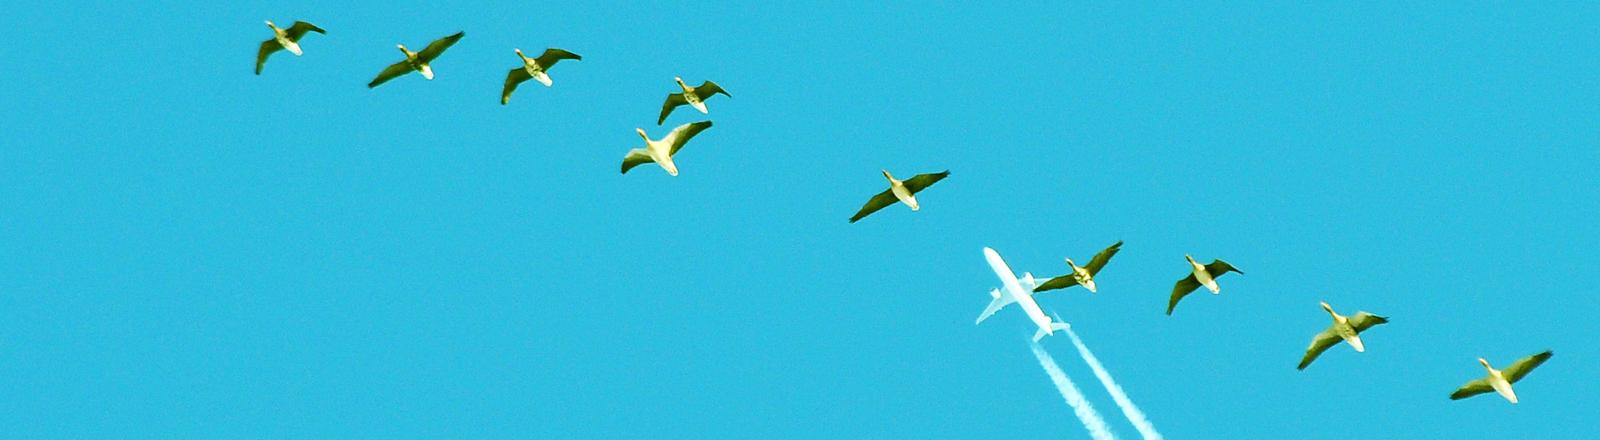 Zugvögel fliegen unter einem FLugzeug.